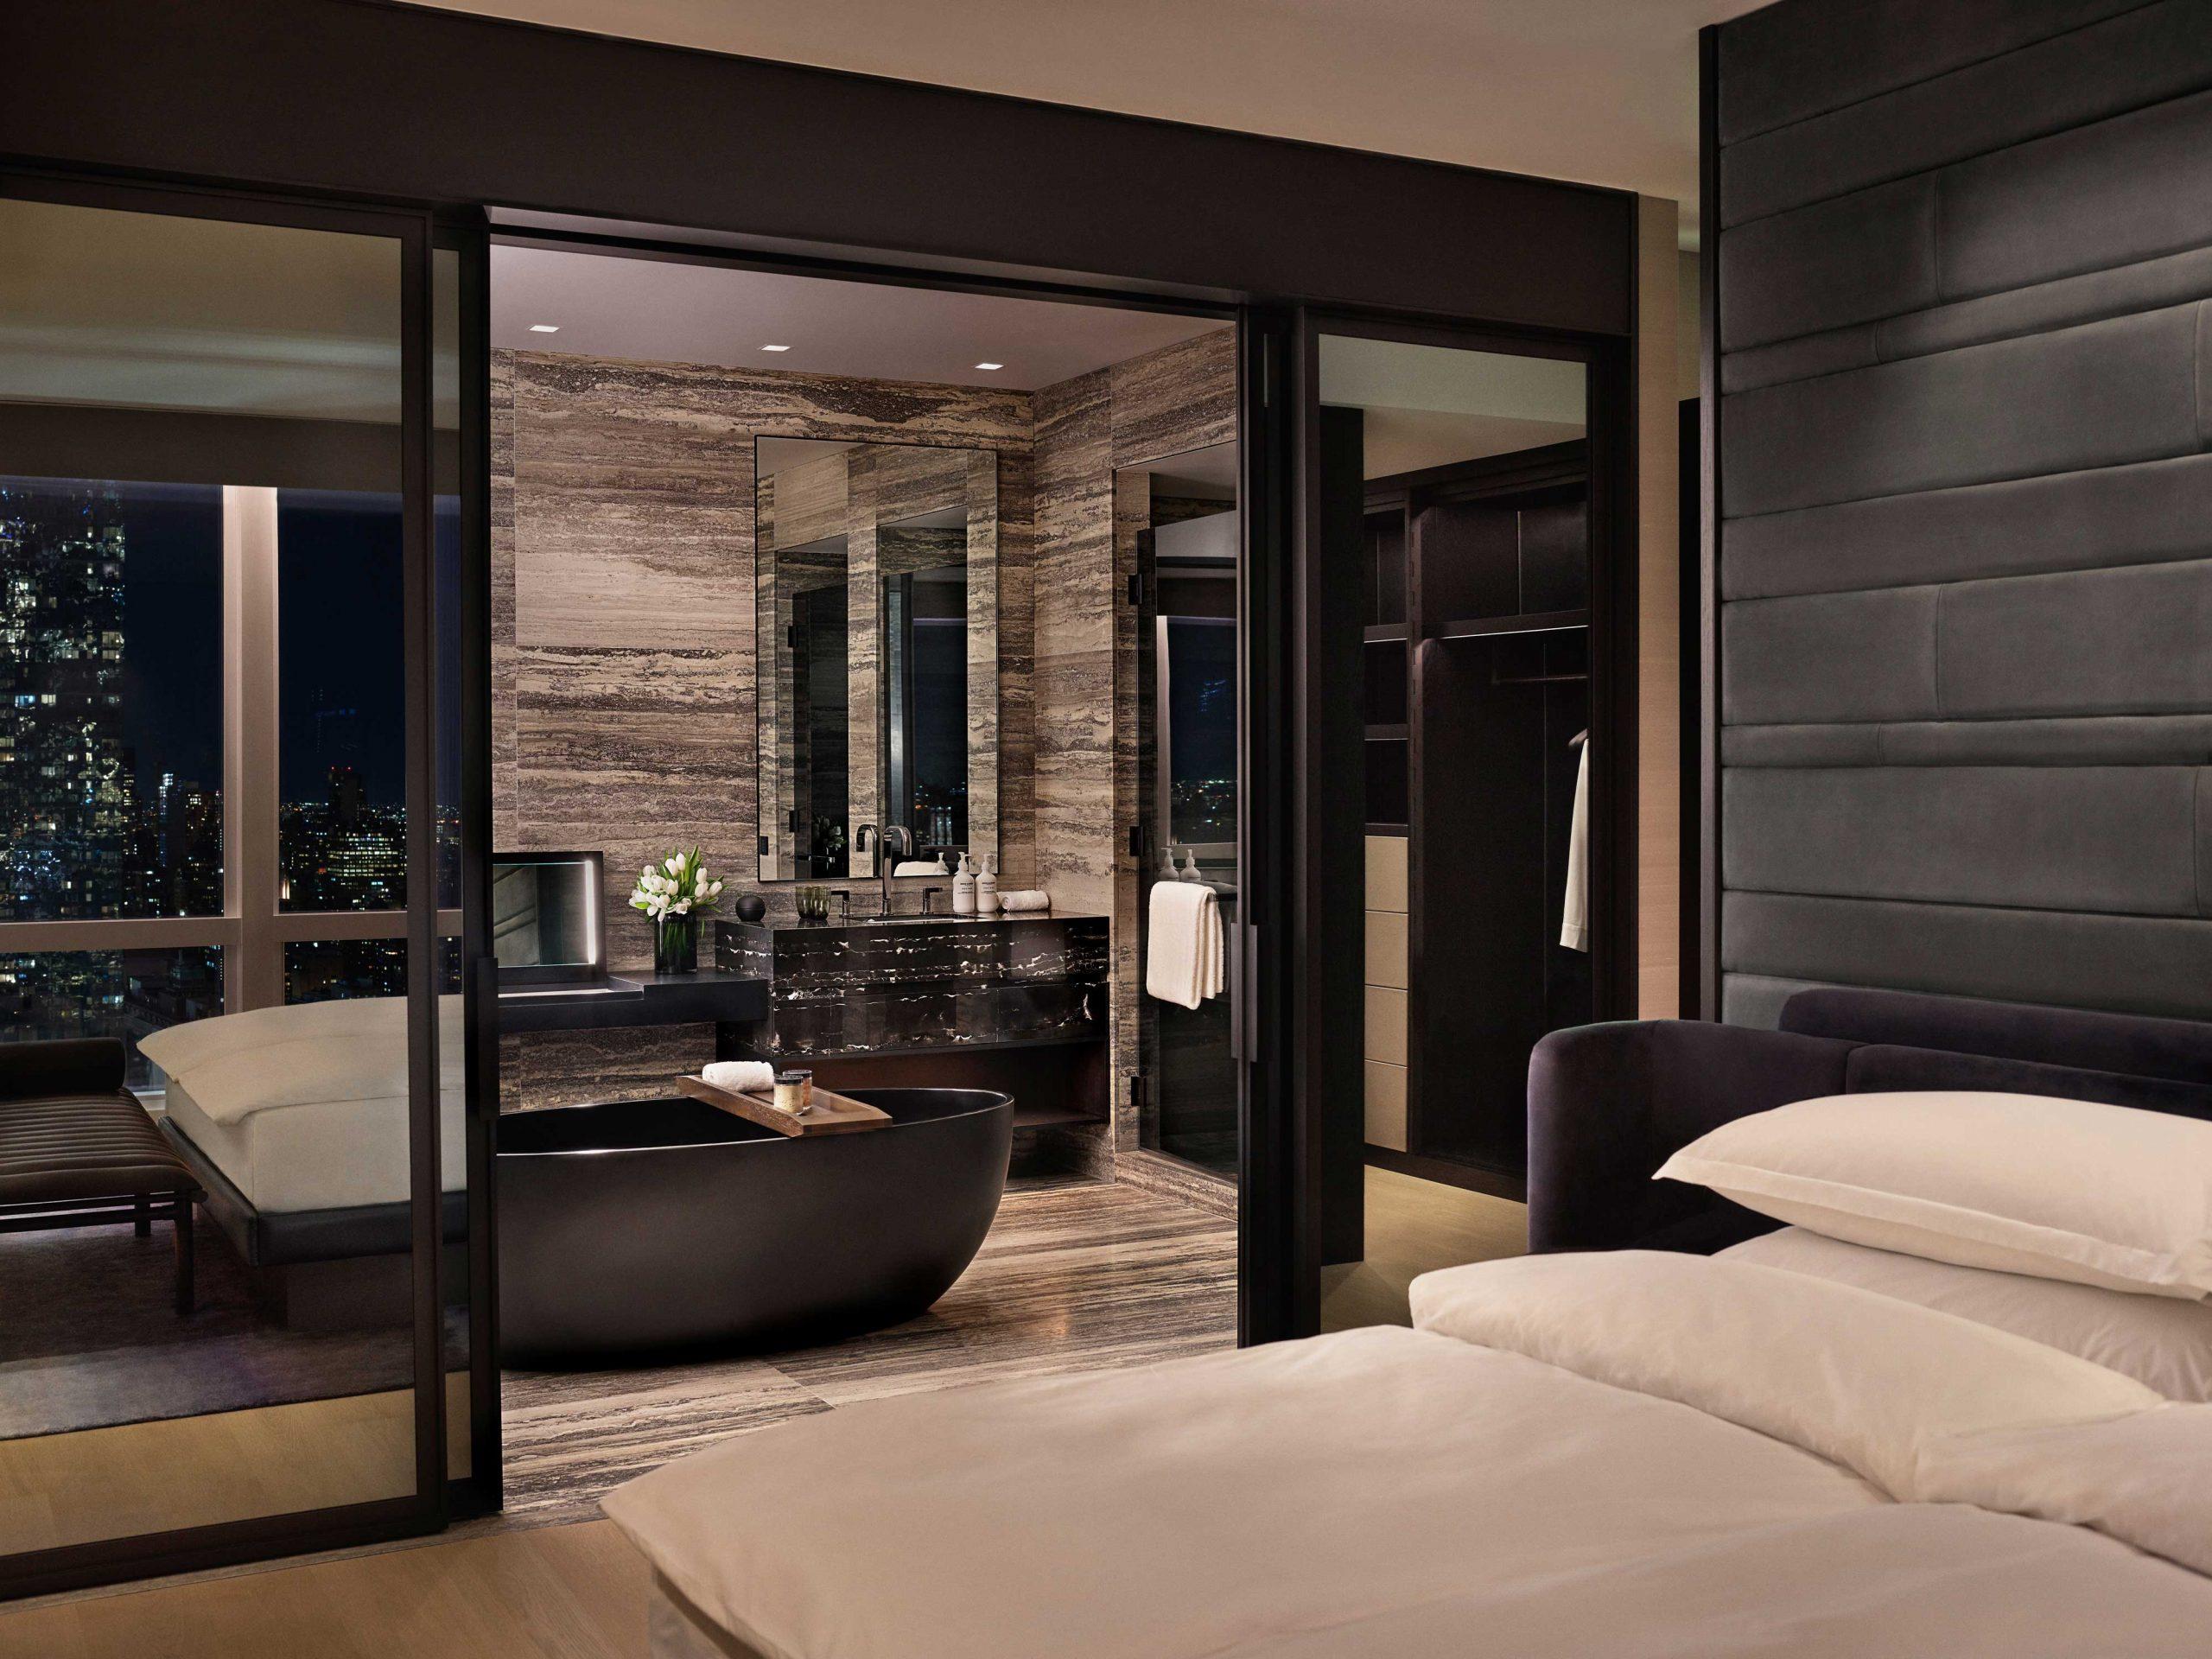 equinox suite bathroom bedroom